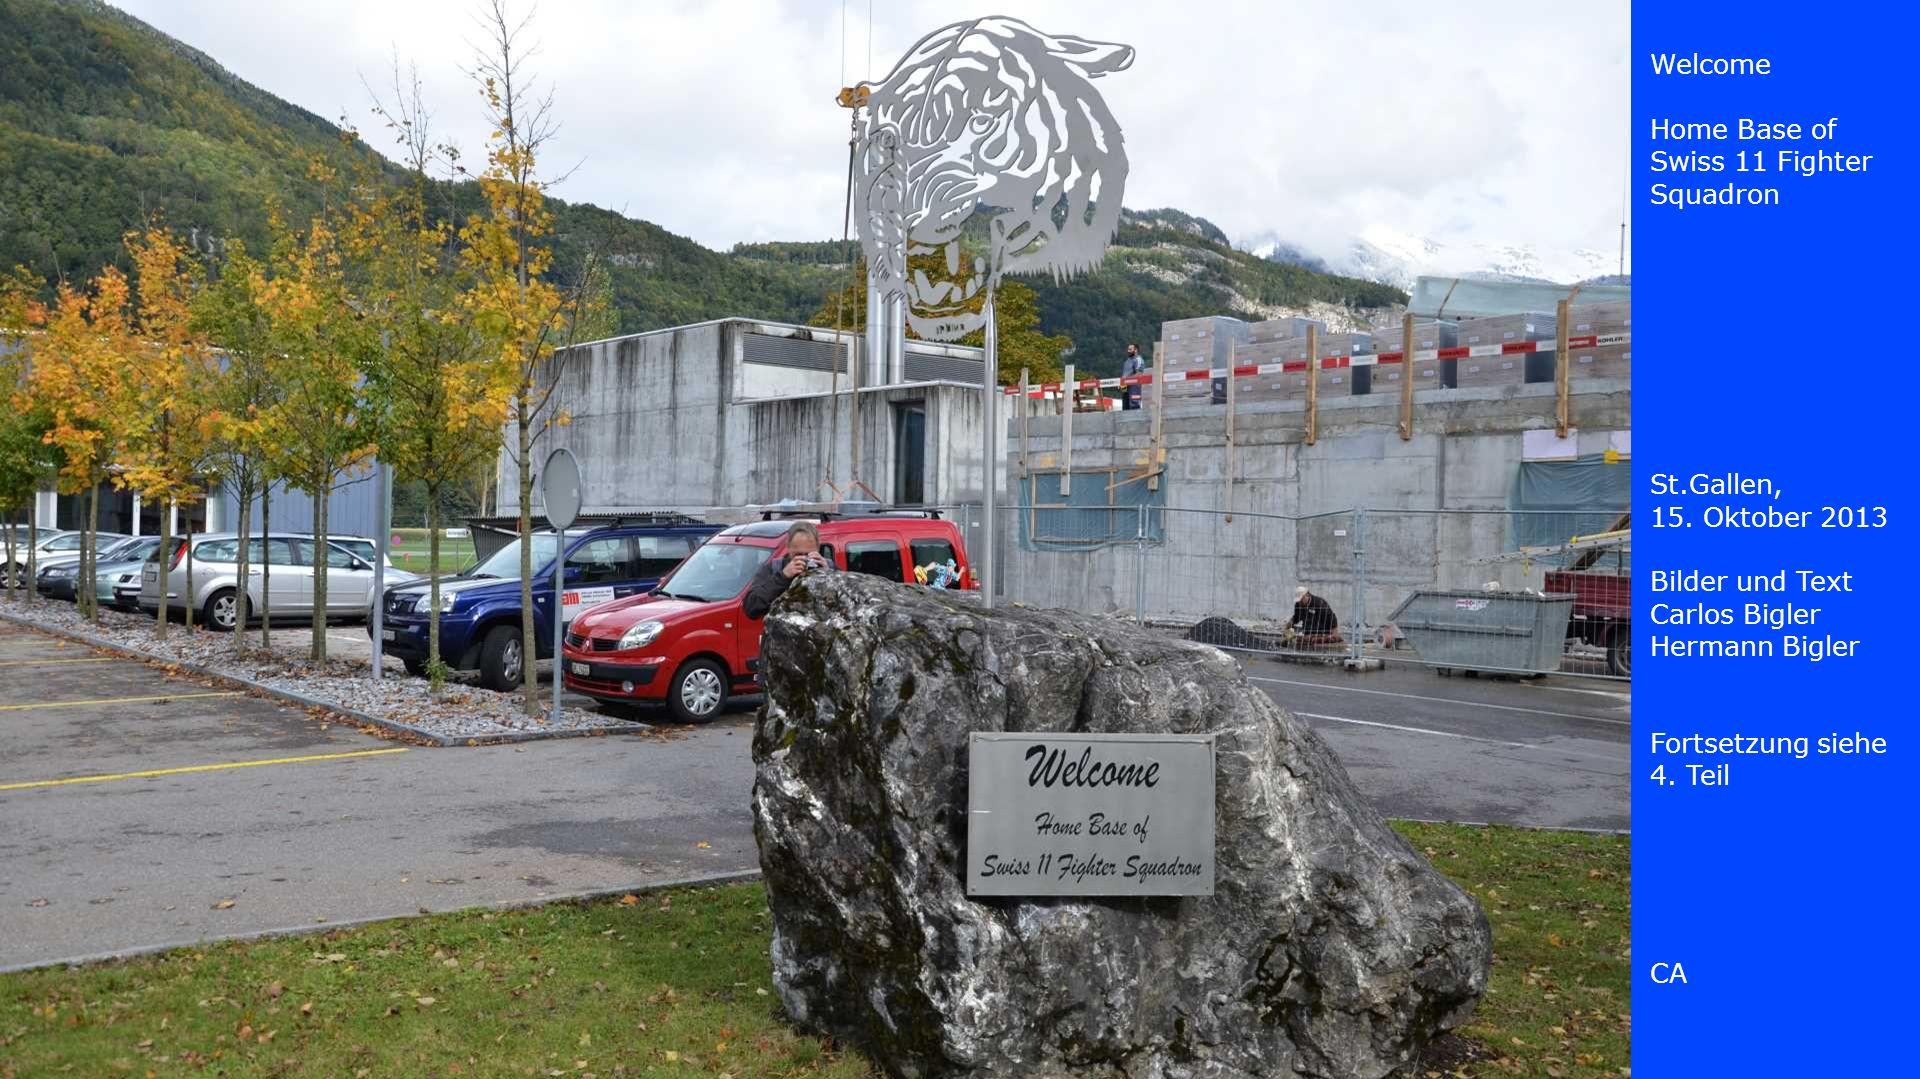 Welcome Home Base of Swiss 11 Fighter Squadron St.Gallen, 15. Oktober 2013 Bilder und Text Carlos Bigler Hermann Bigler Fortsetzung siehe 4. Teil CA